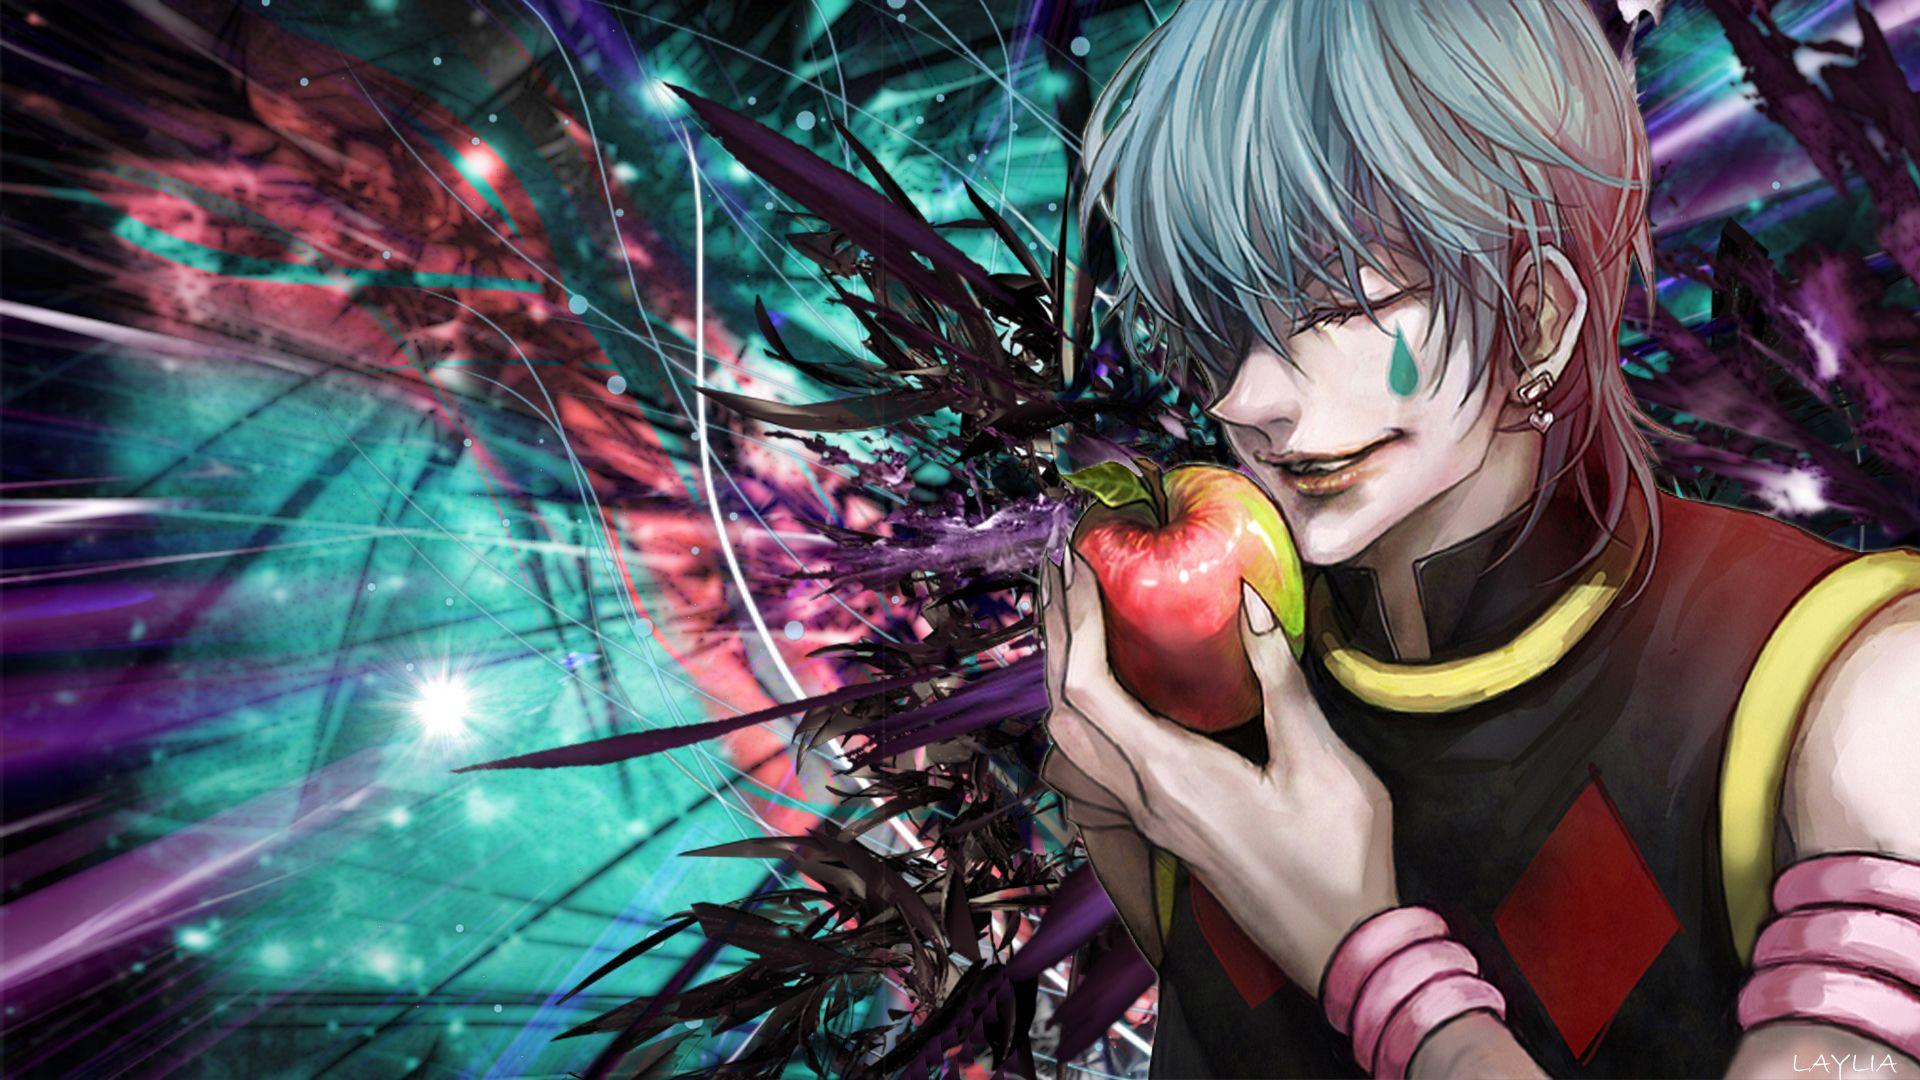 Hisoka Hisoka Hunter Anime Hd Anime Wallpapers